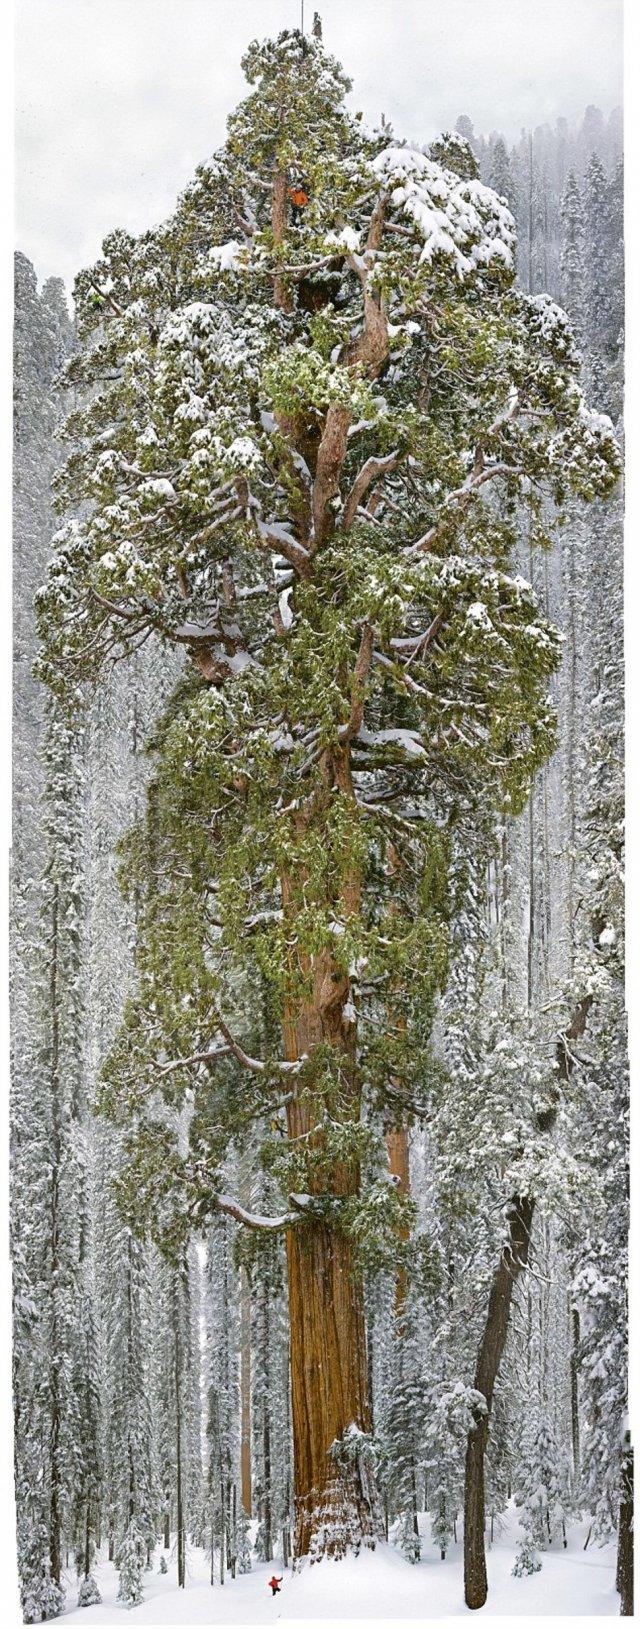 Як фотографували найбільше дерево світу (фото, відео)